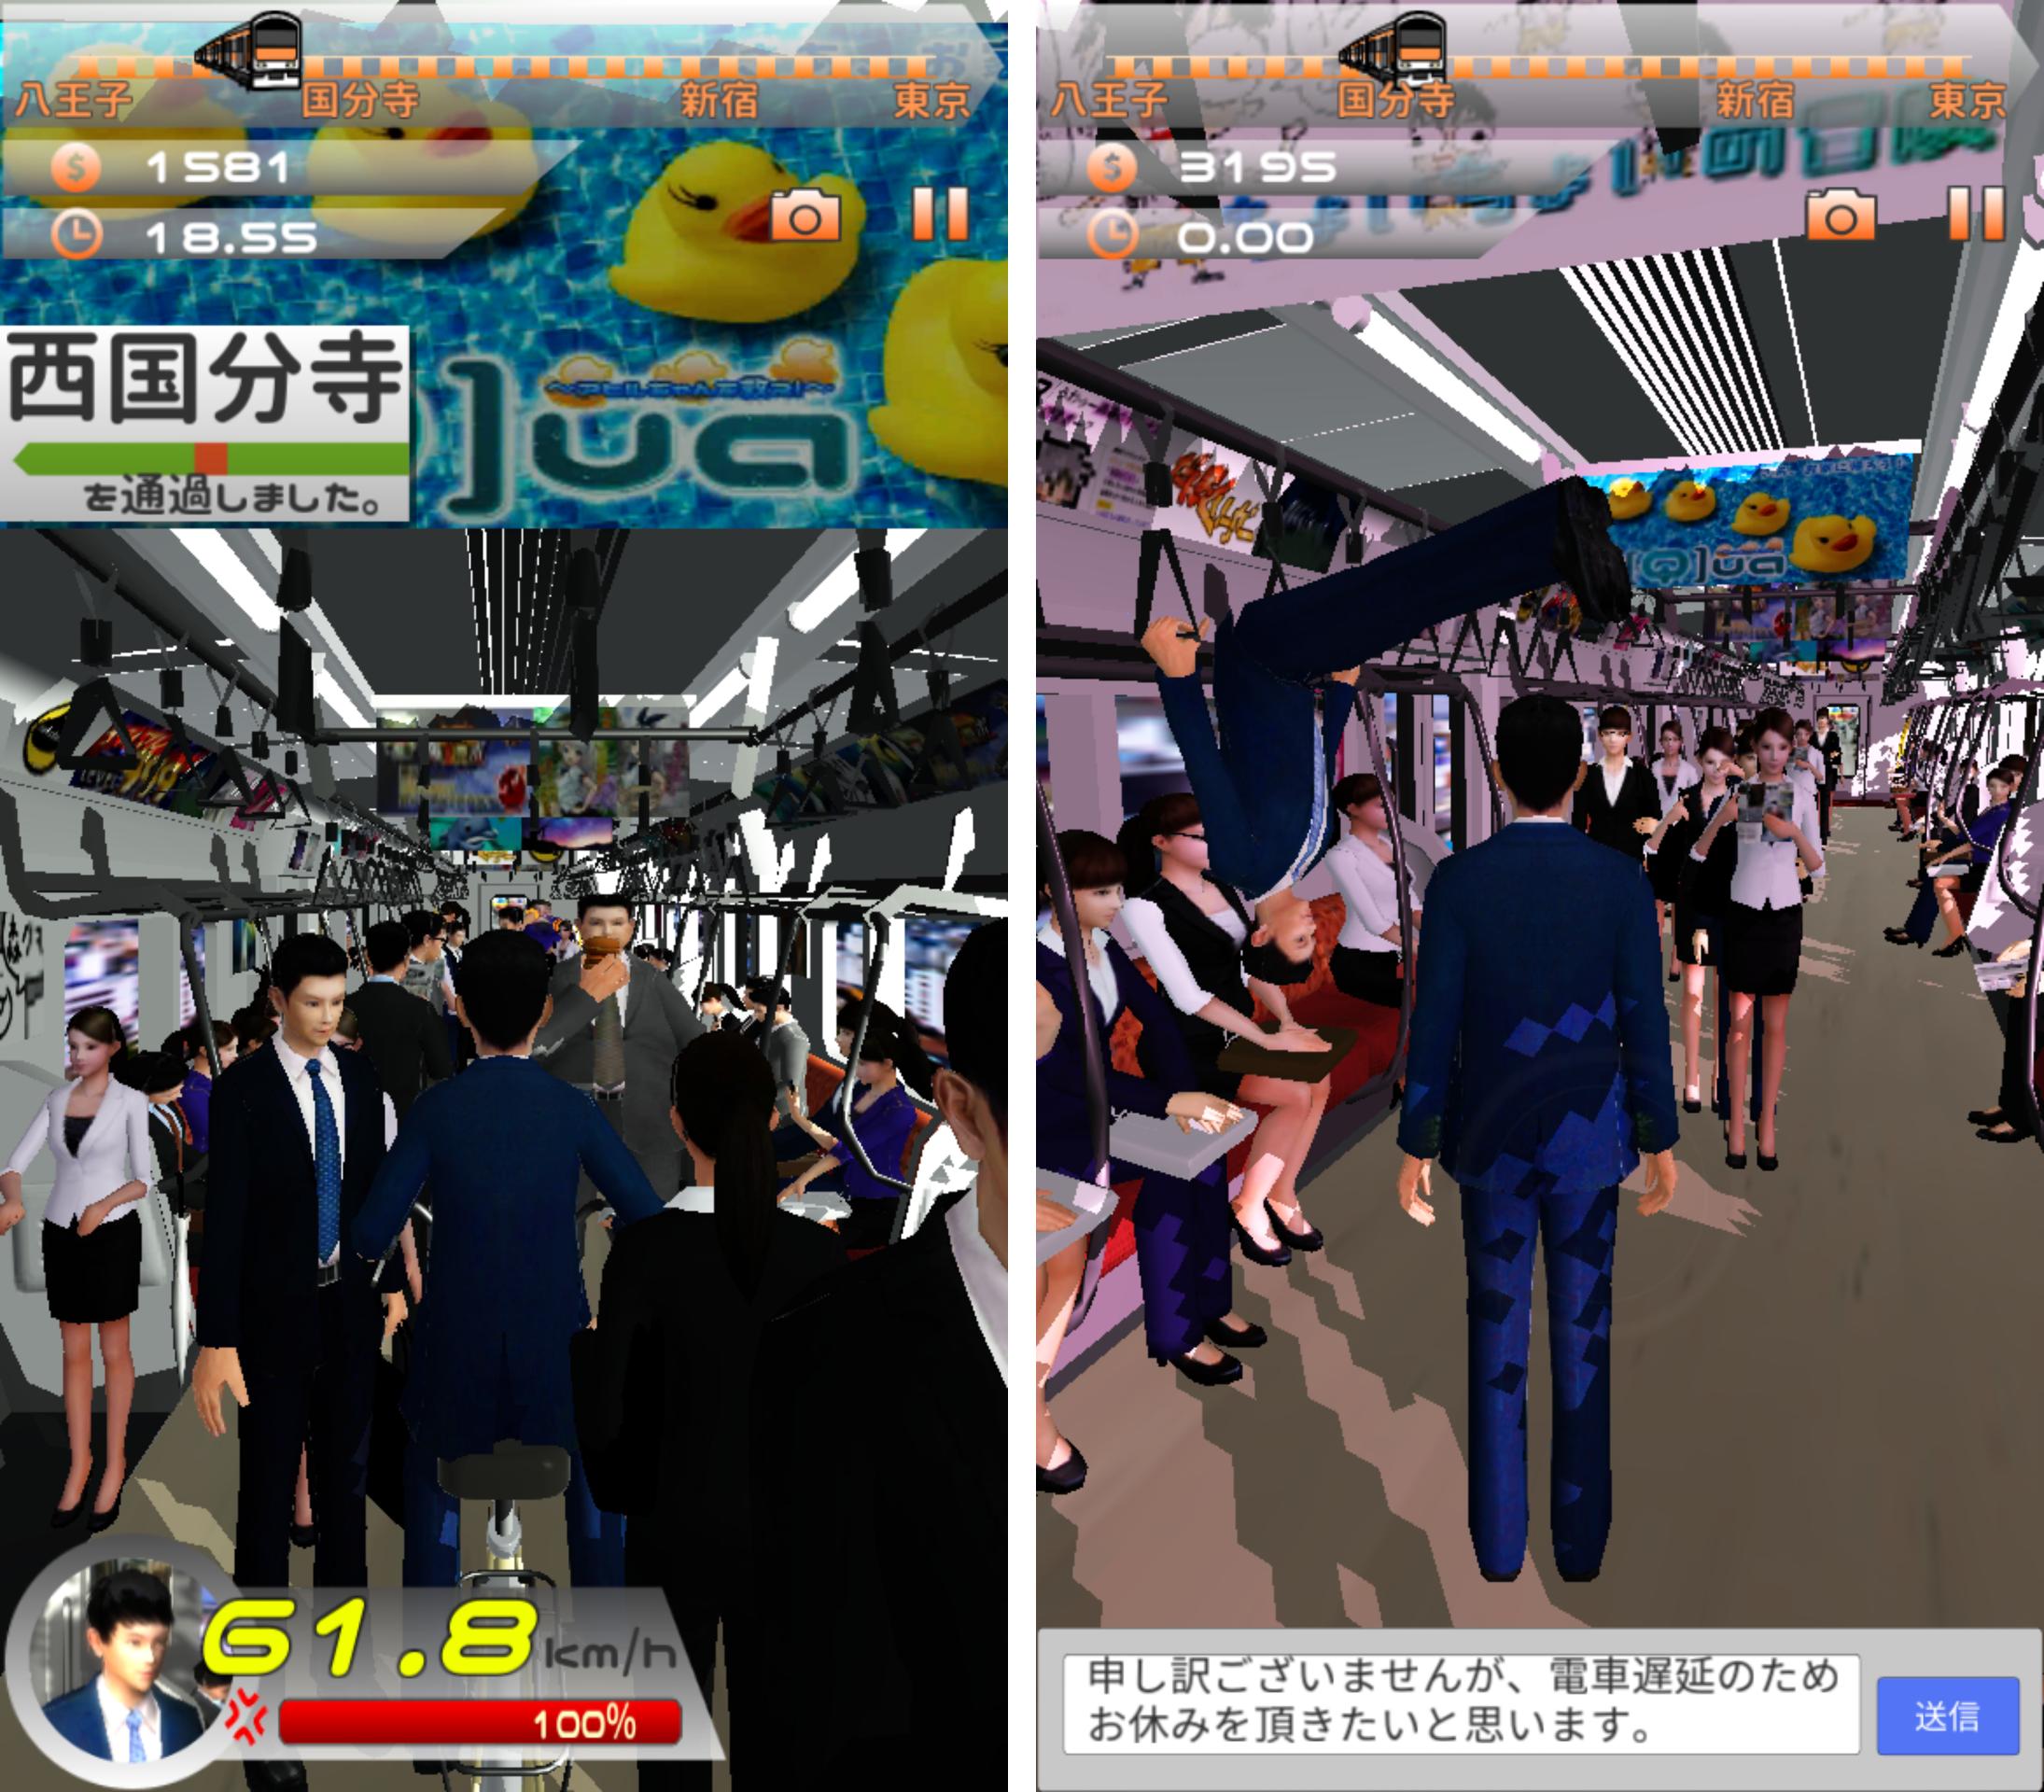 30秒で通勤する方法〜八王子から東京駅まで〜 androidアプリスクリーンショット1